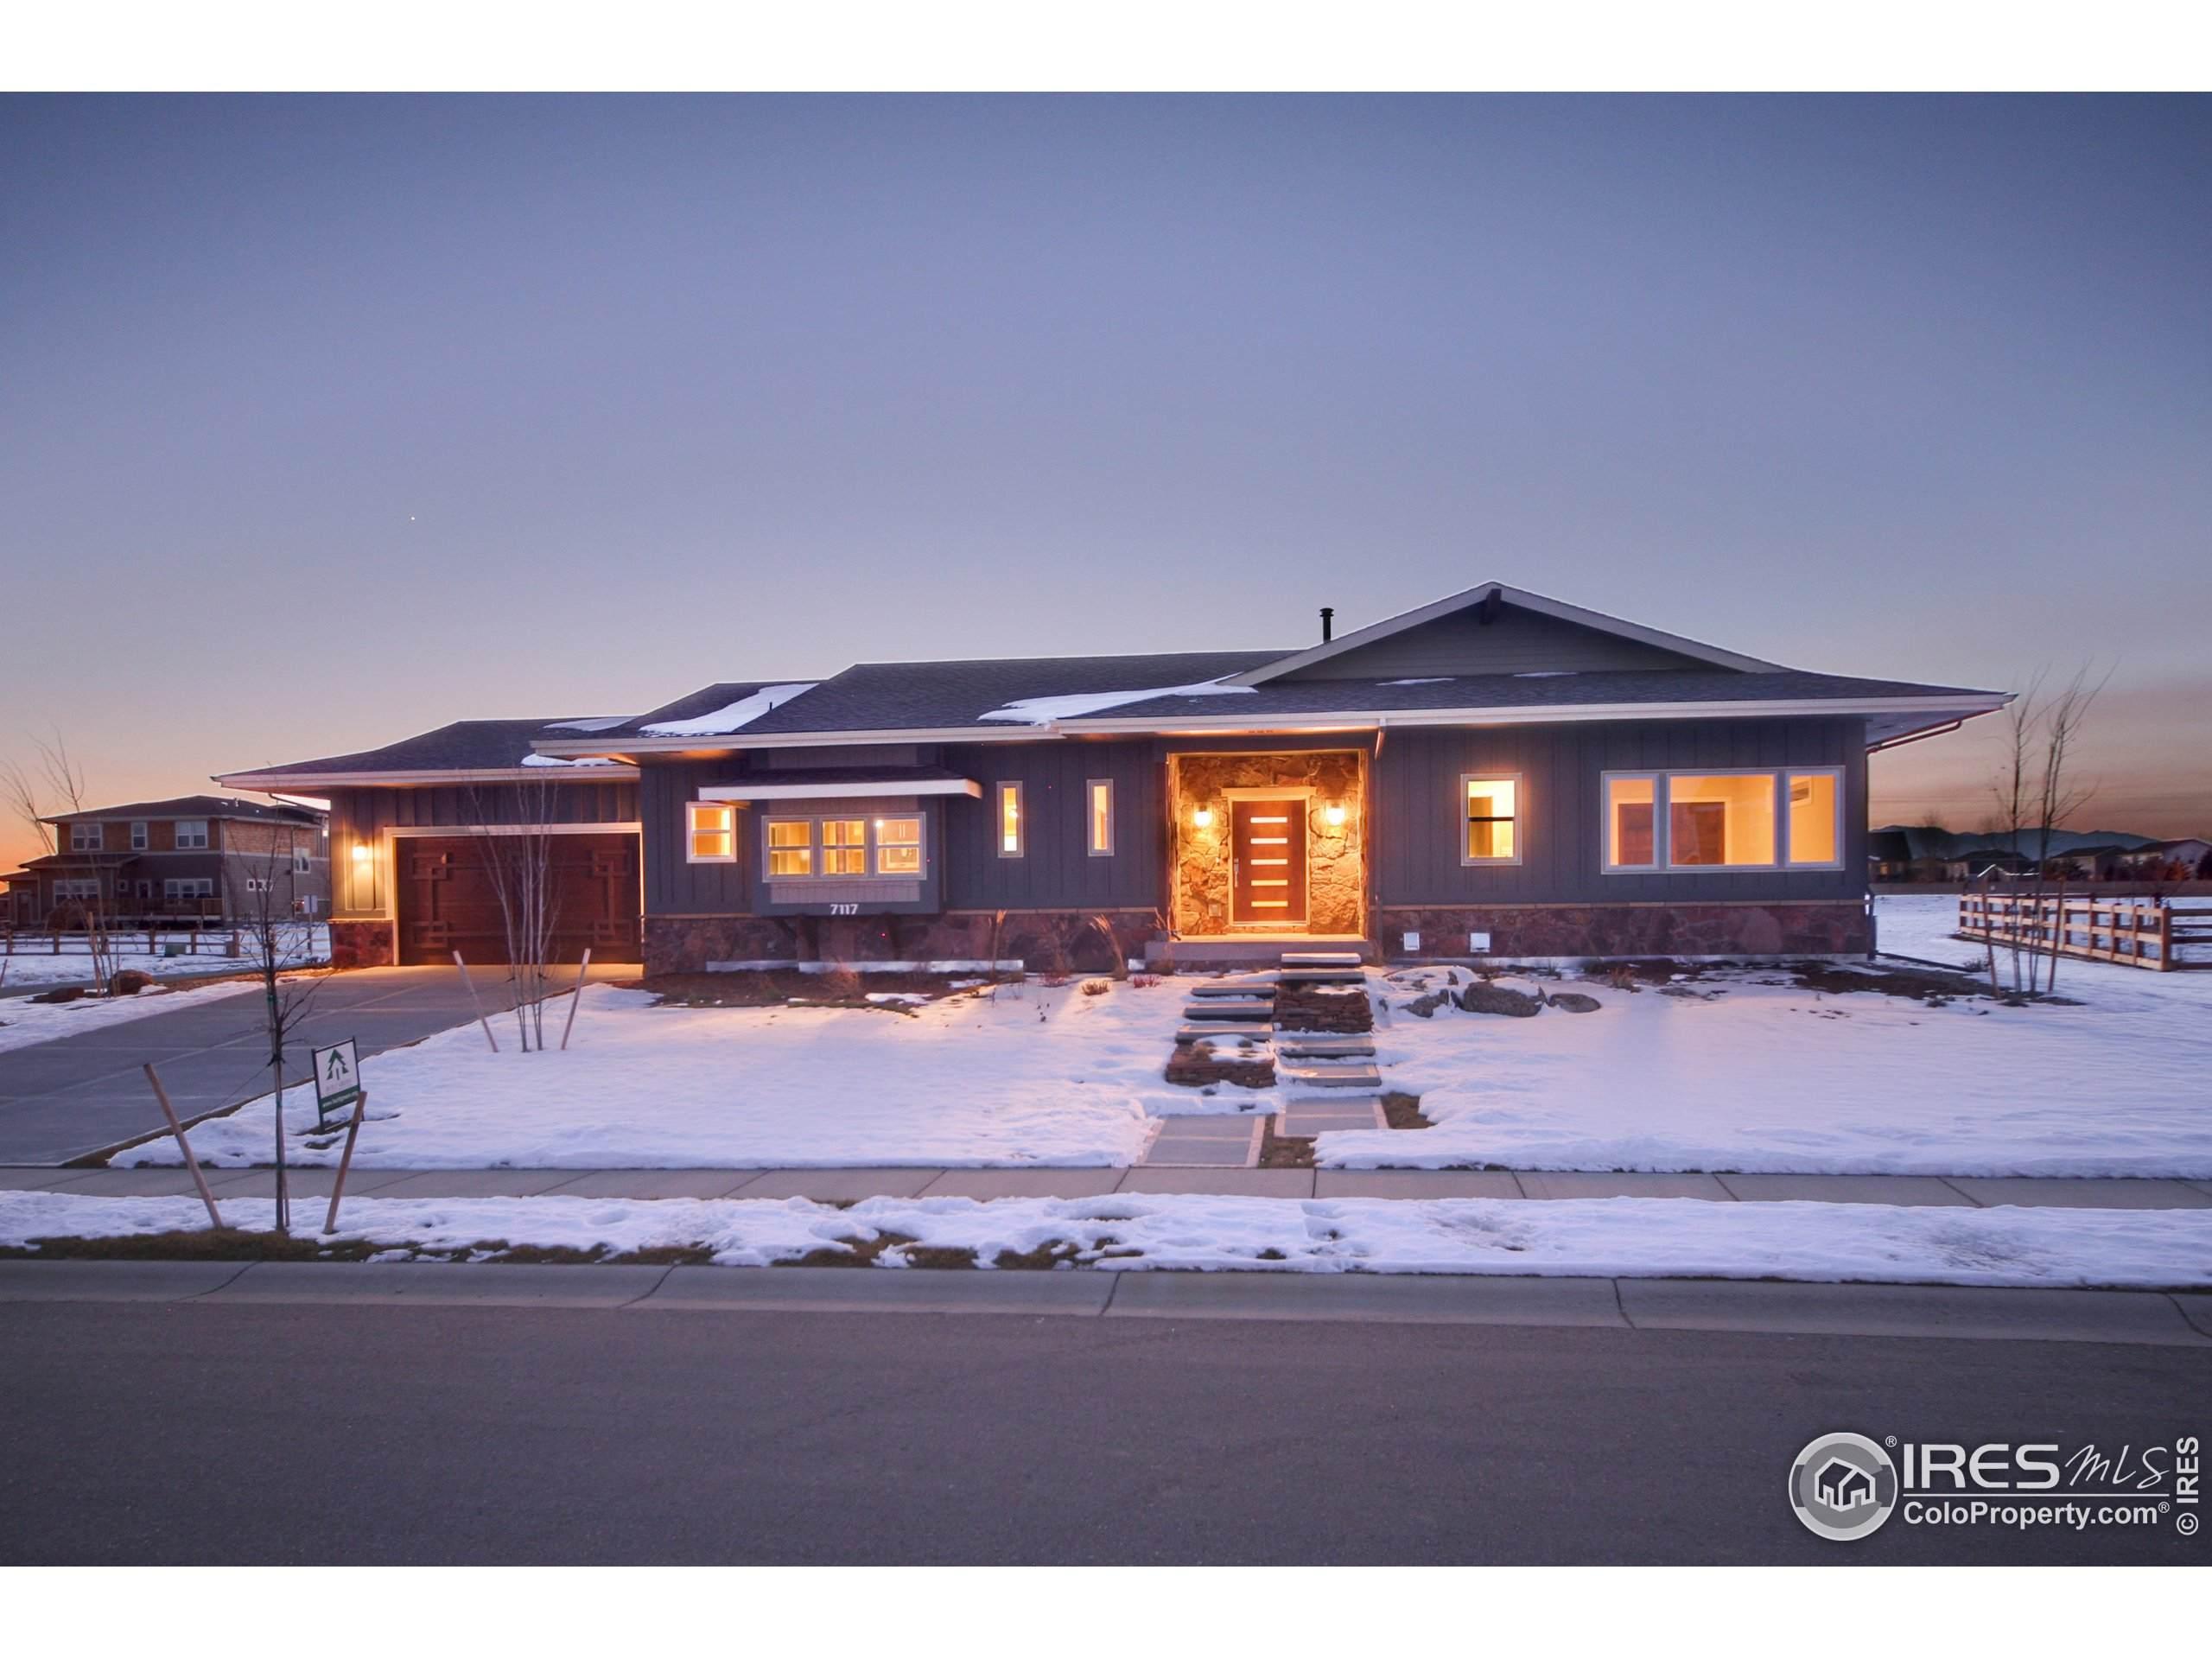 870 38th St, Boulder, CO 80303 (MLS #940389) :: Jenn Porter Group